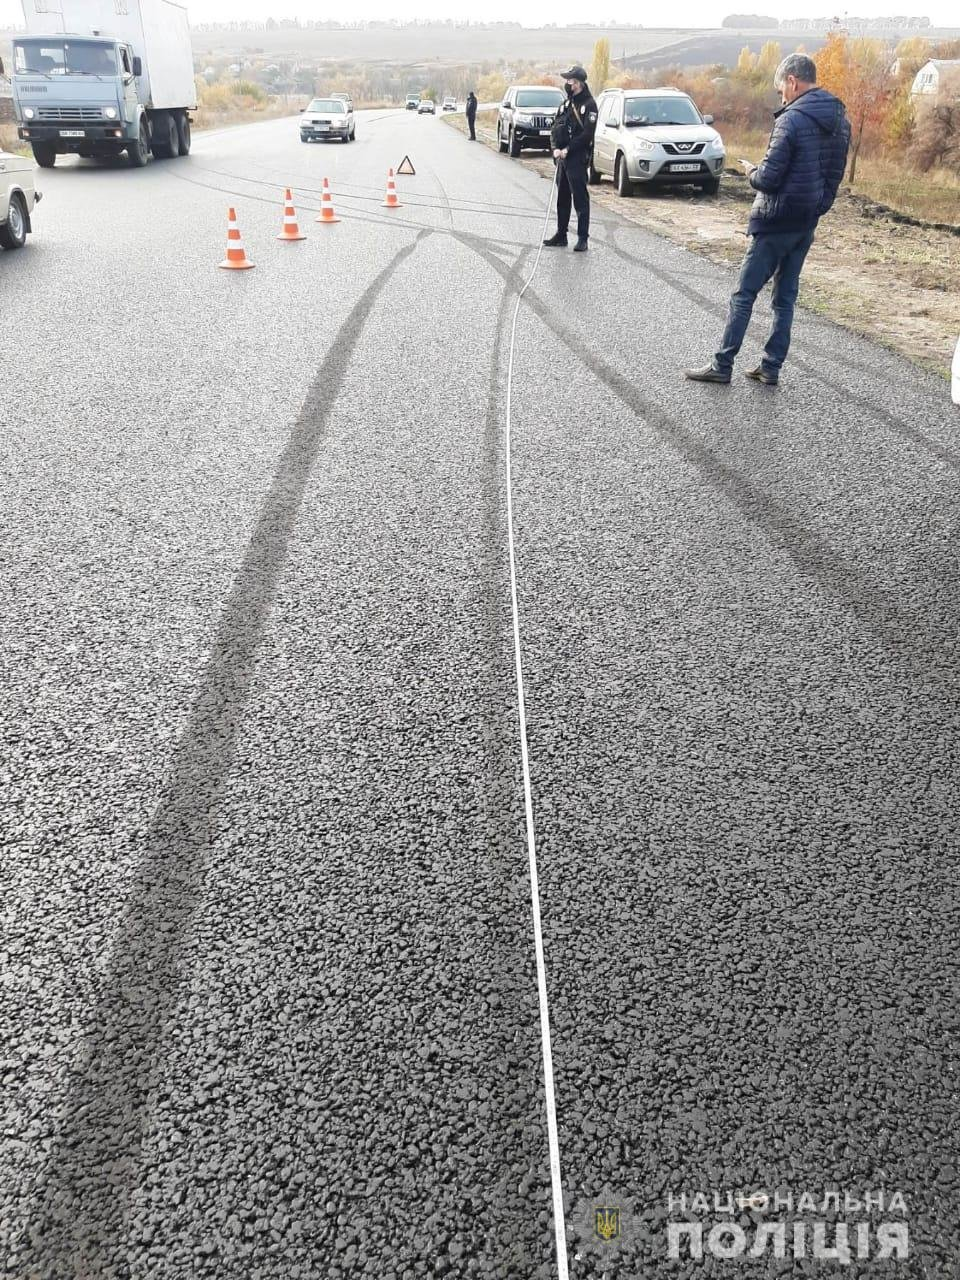 Под Чугуевом водитель «ВАЗ» врезался в «Peugeot». Водитель госпитализирован, - ФОТО, фото-4